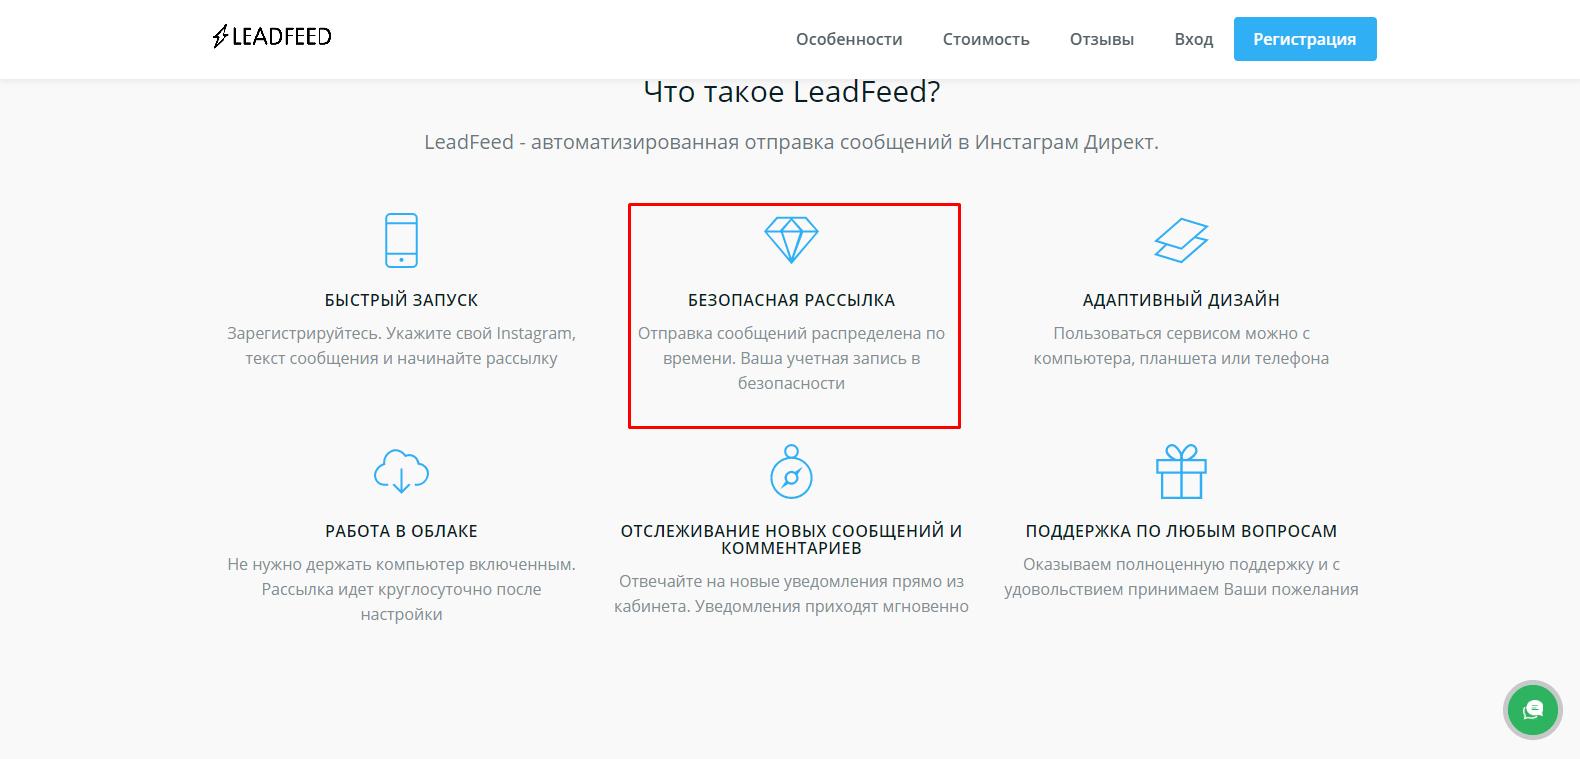 Функции в сервисе Leadfeed.ru